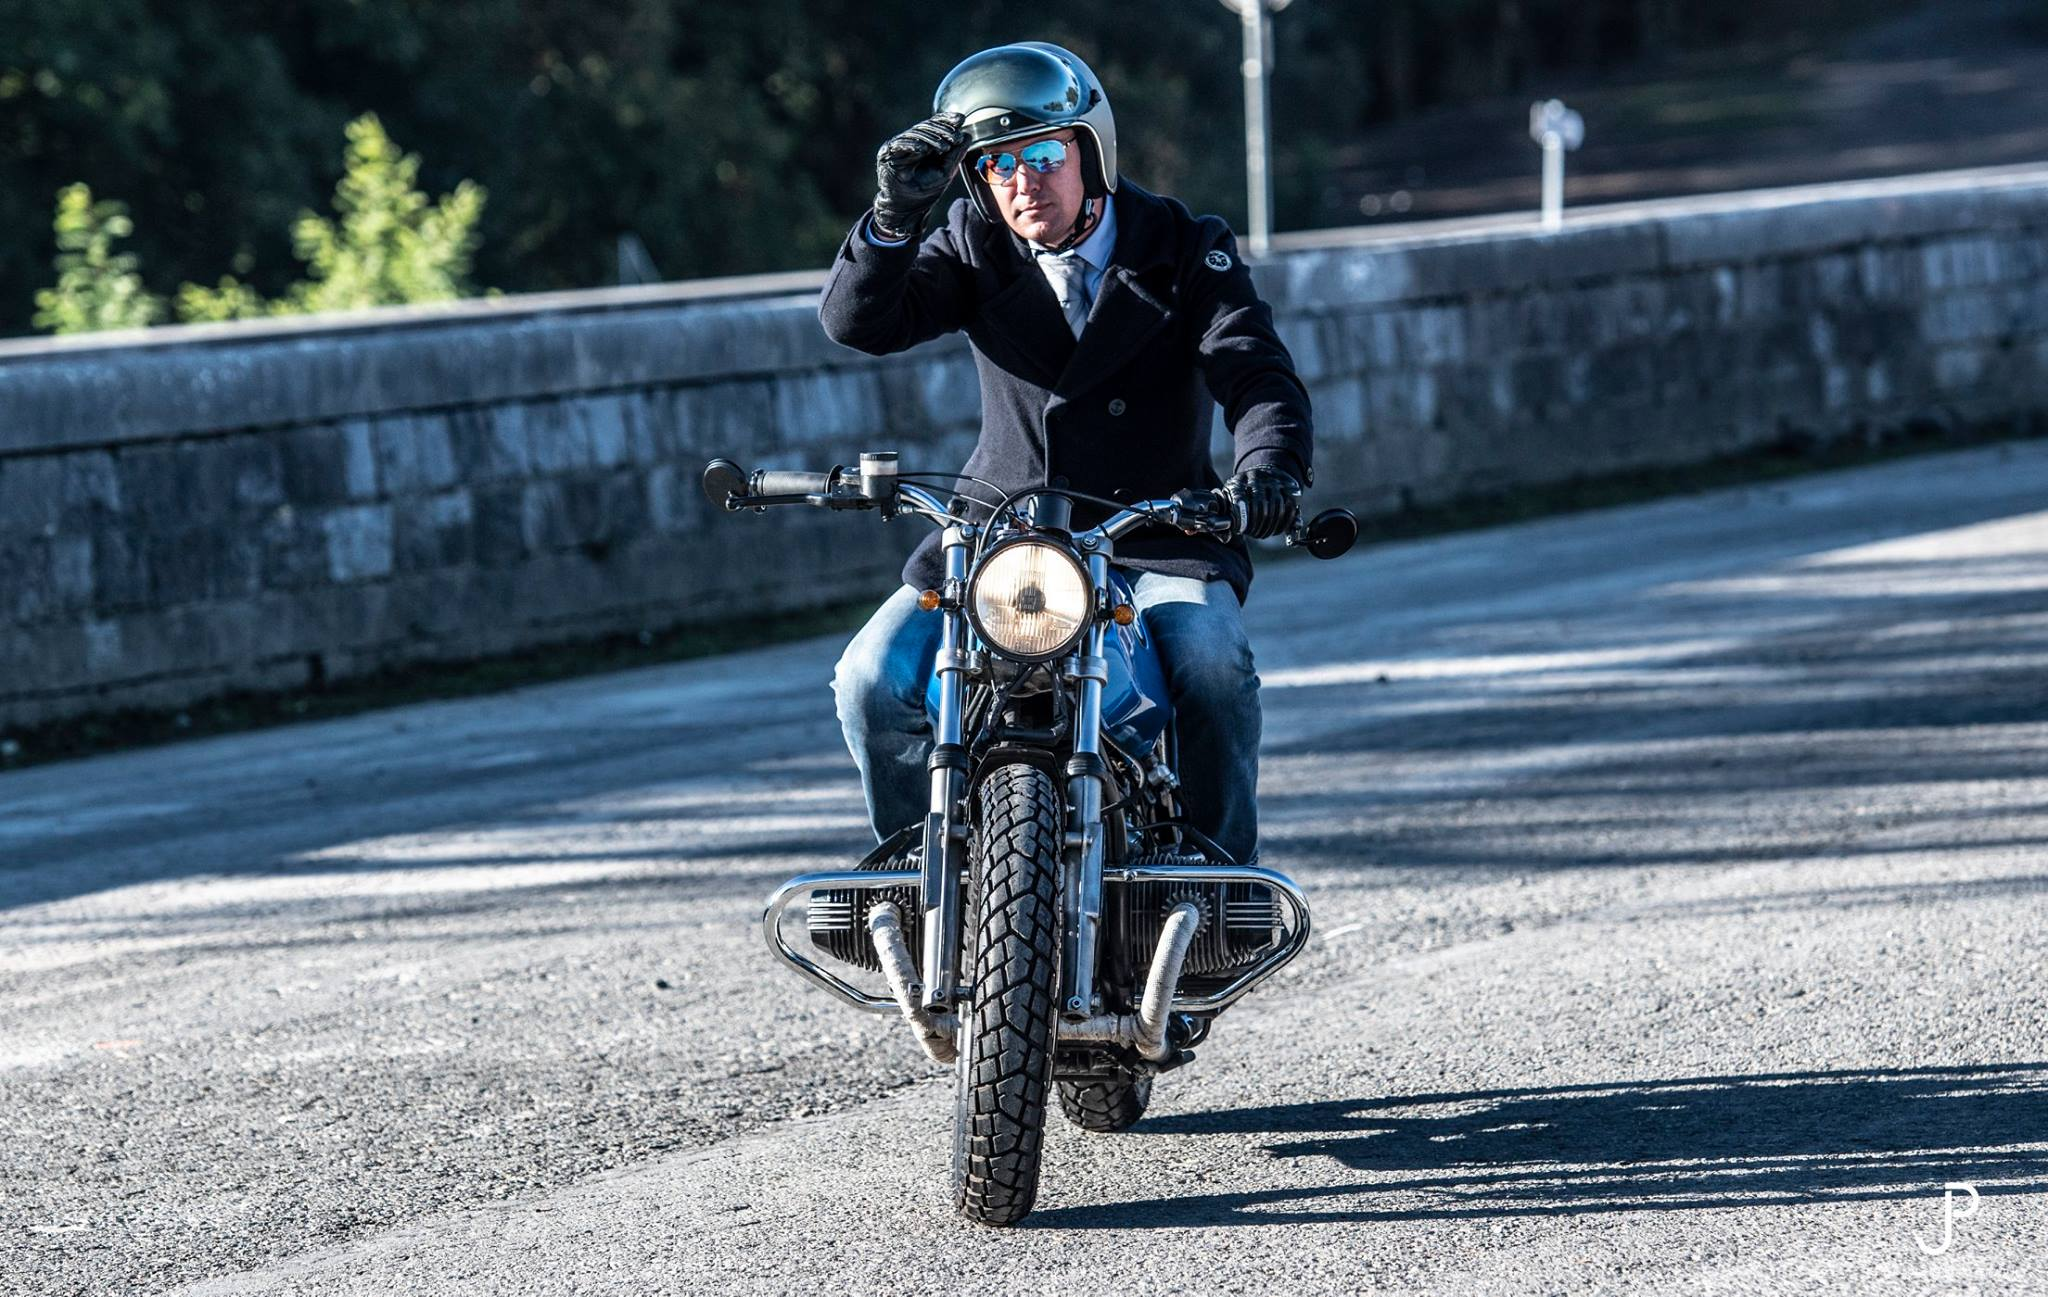 Paul's Ride | #TheMotoSocialNAMUR